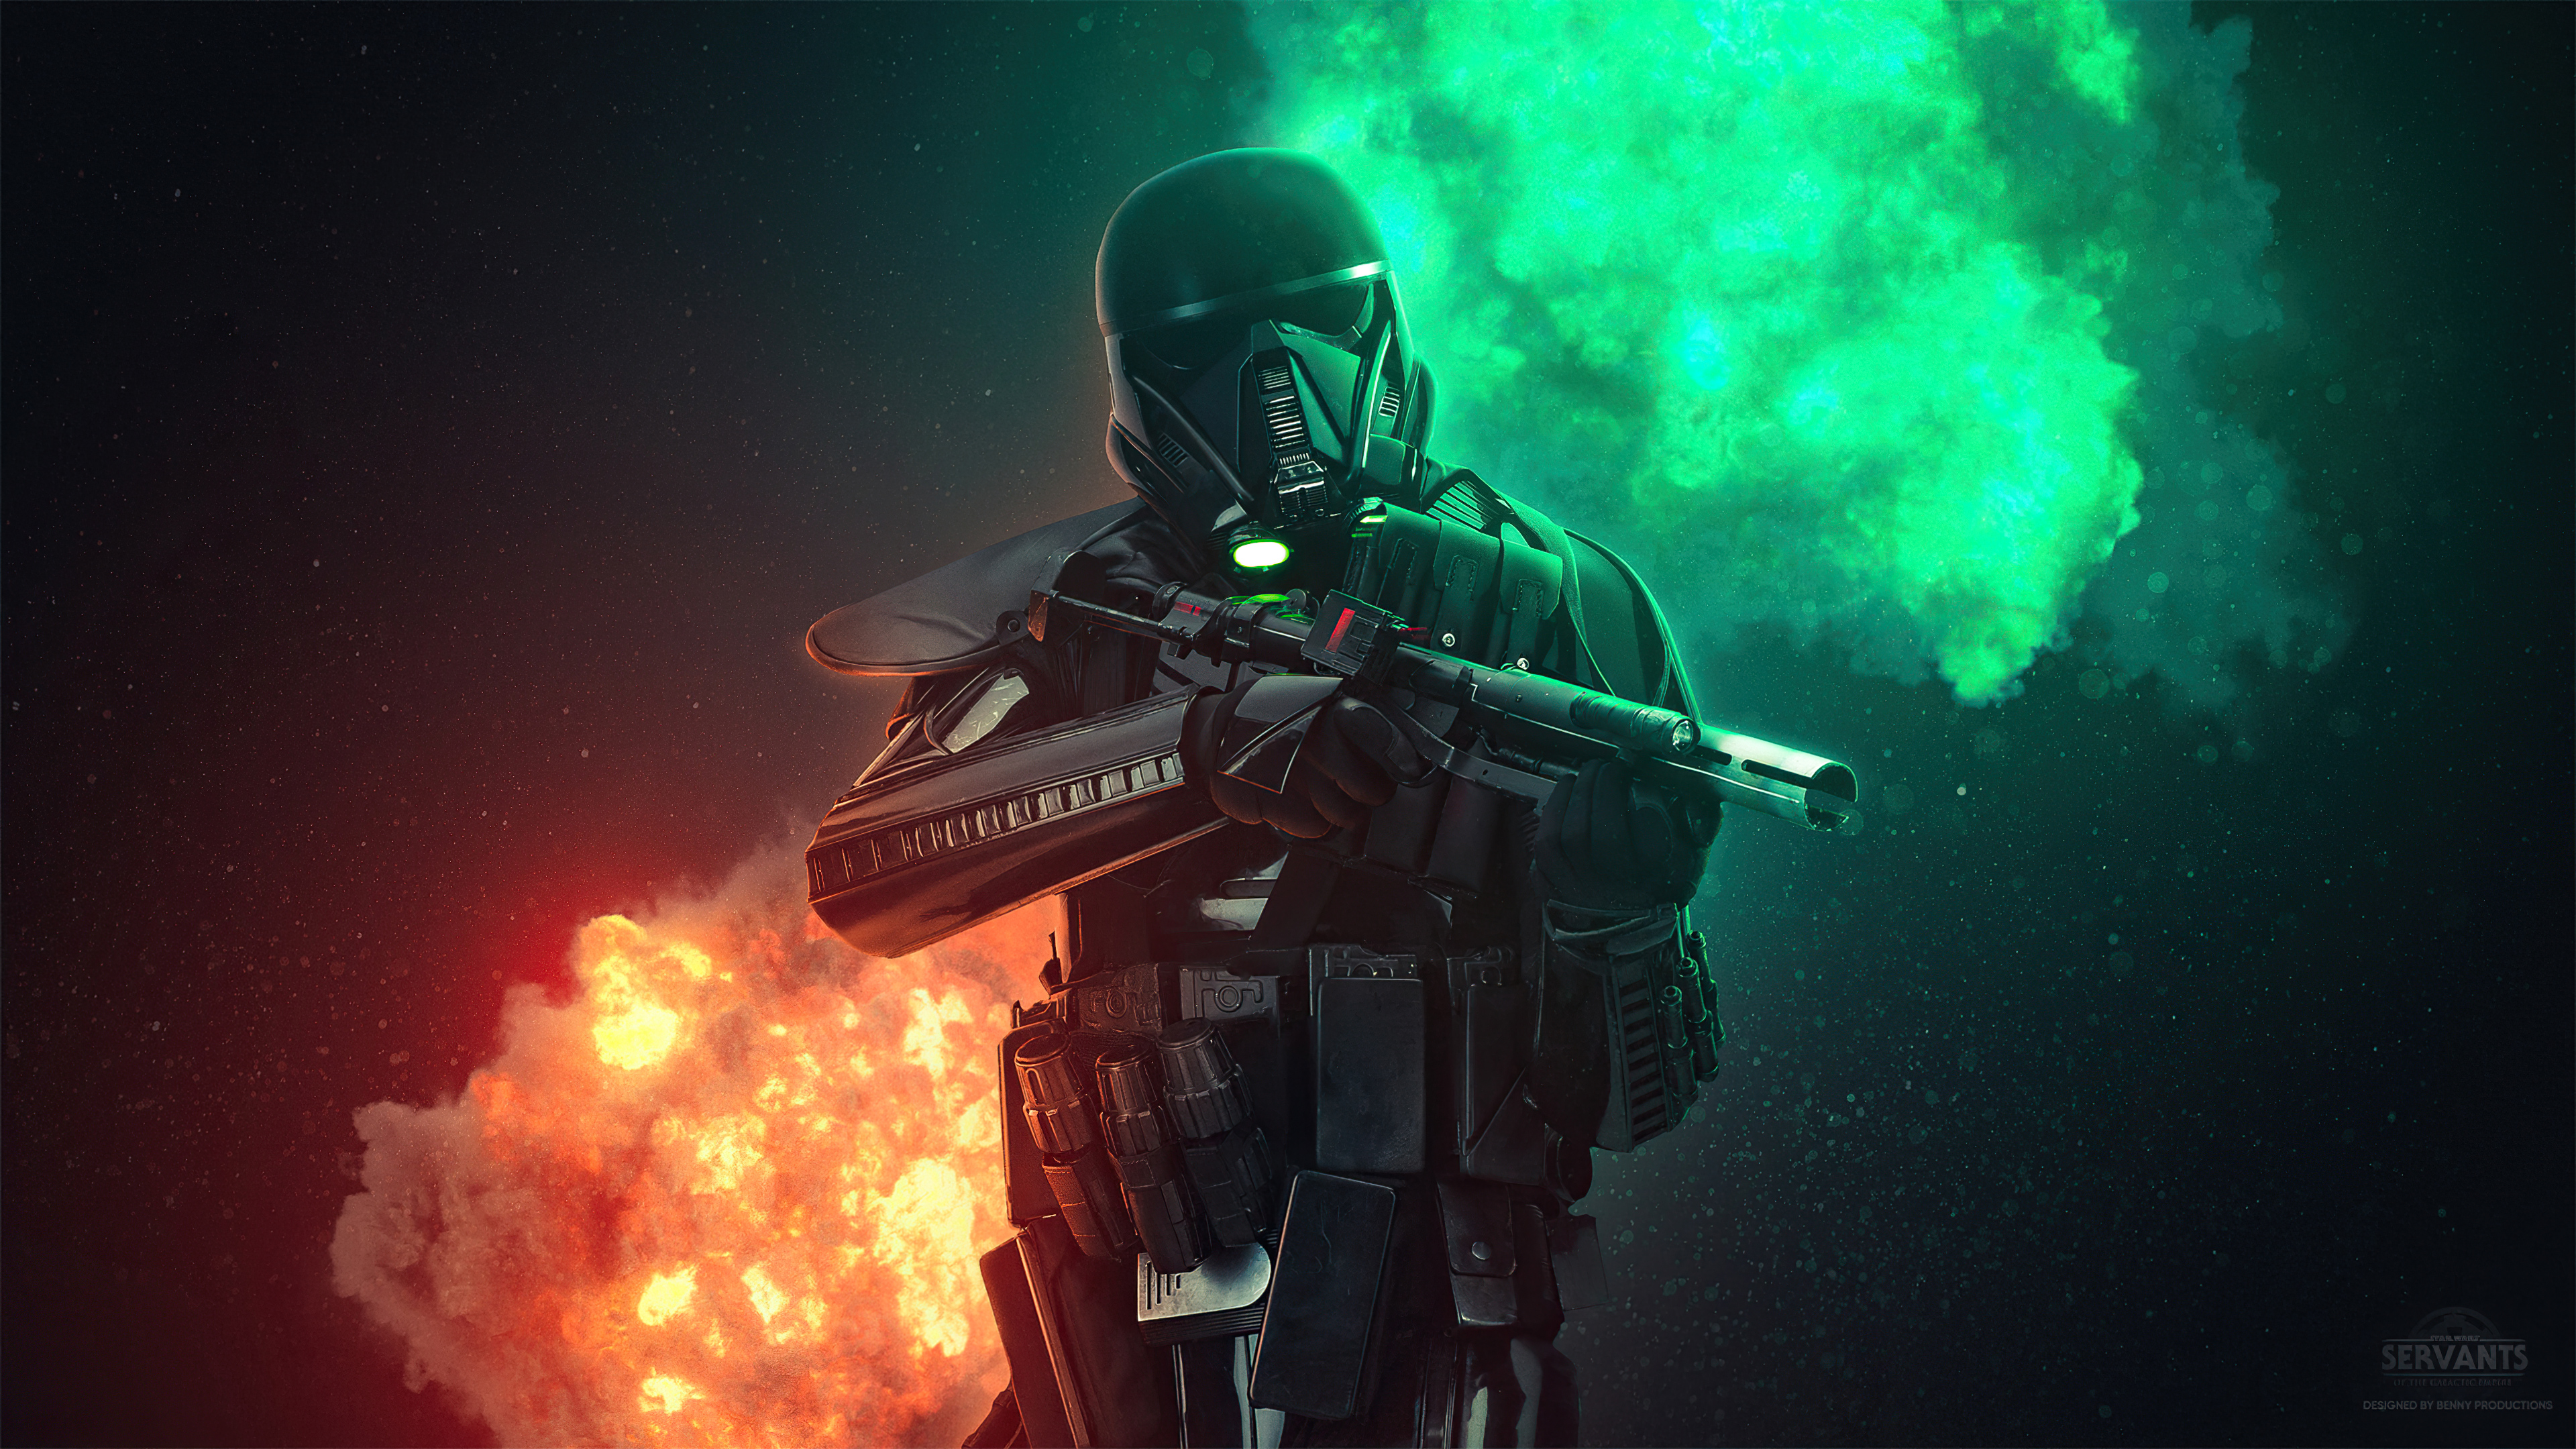 Stormtrooper 4k Wallpaper Star Wars Neon Graphics Cgi 1491